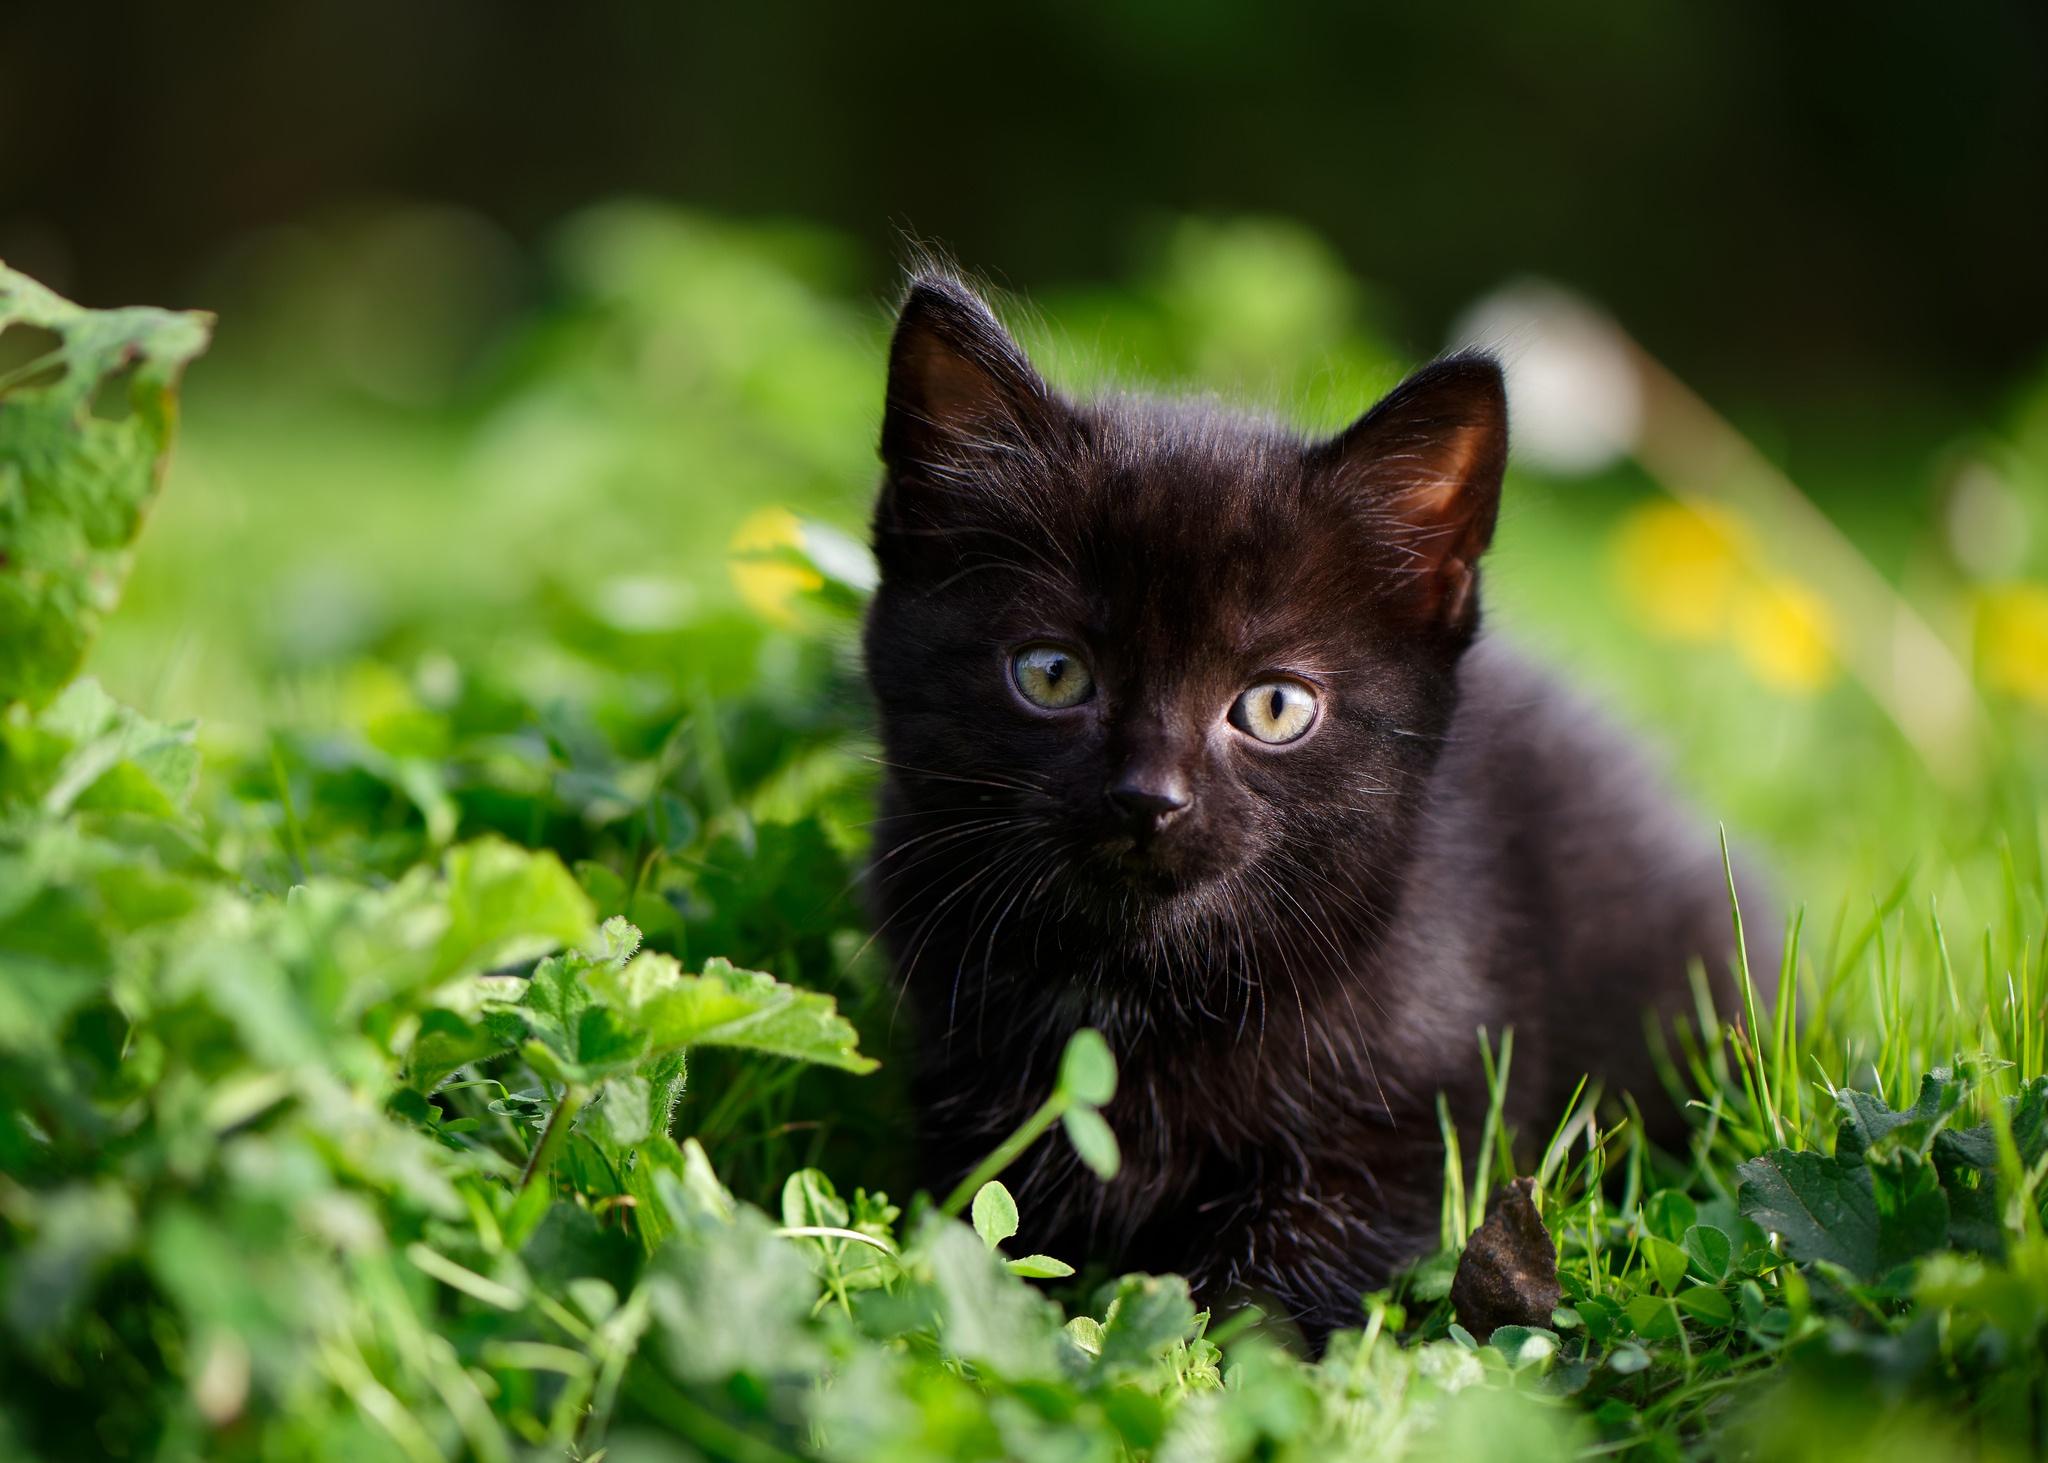 porazit tu černou kočičku